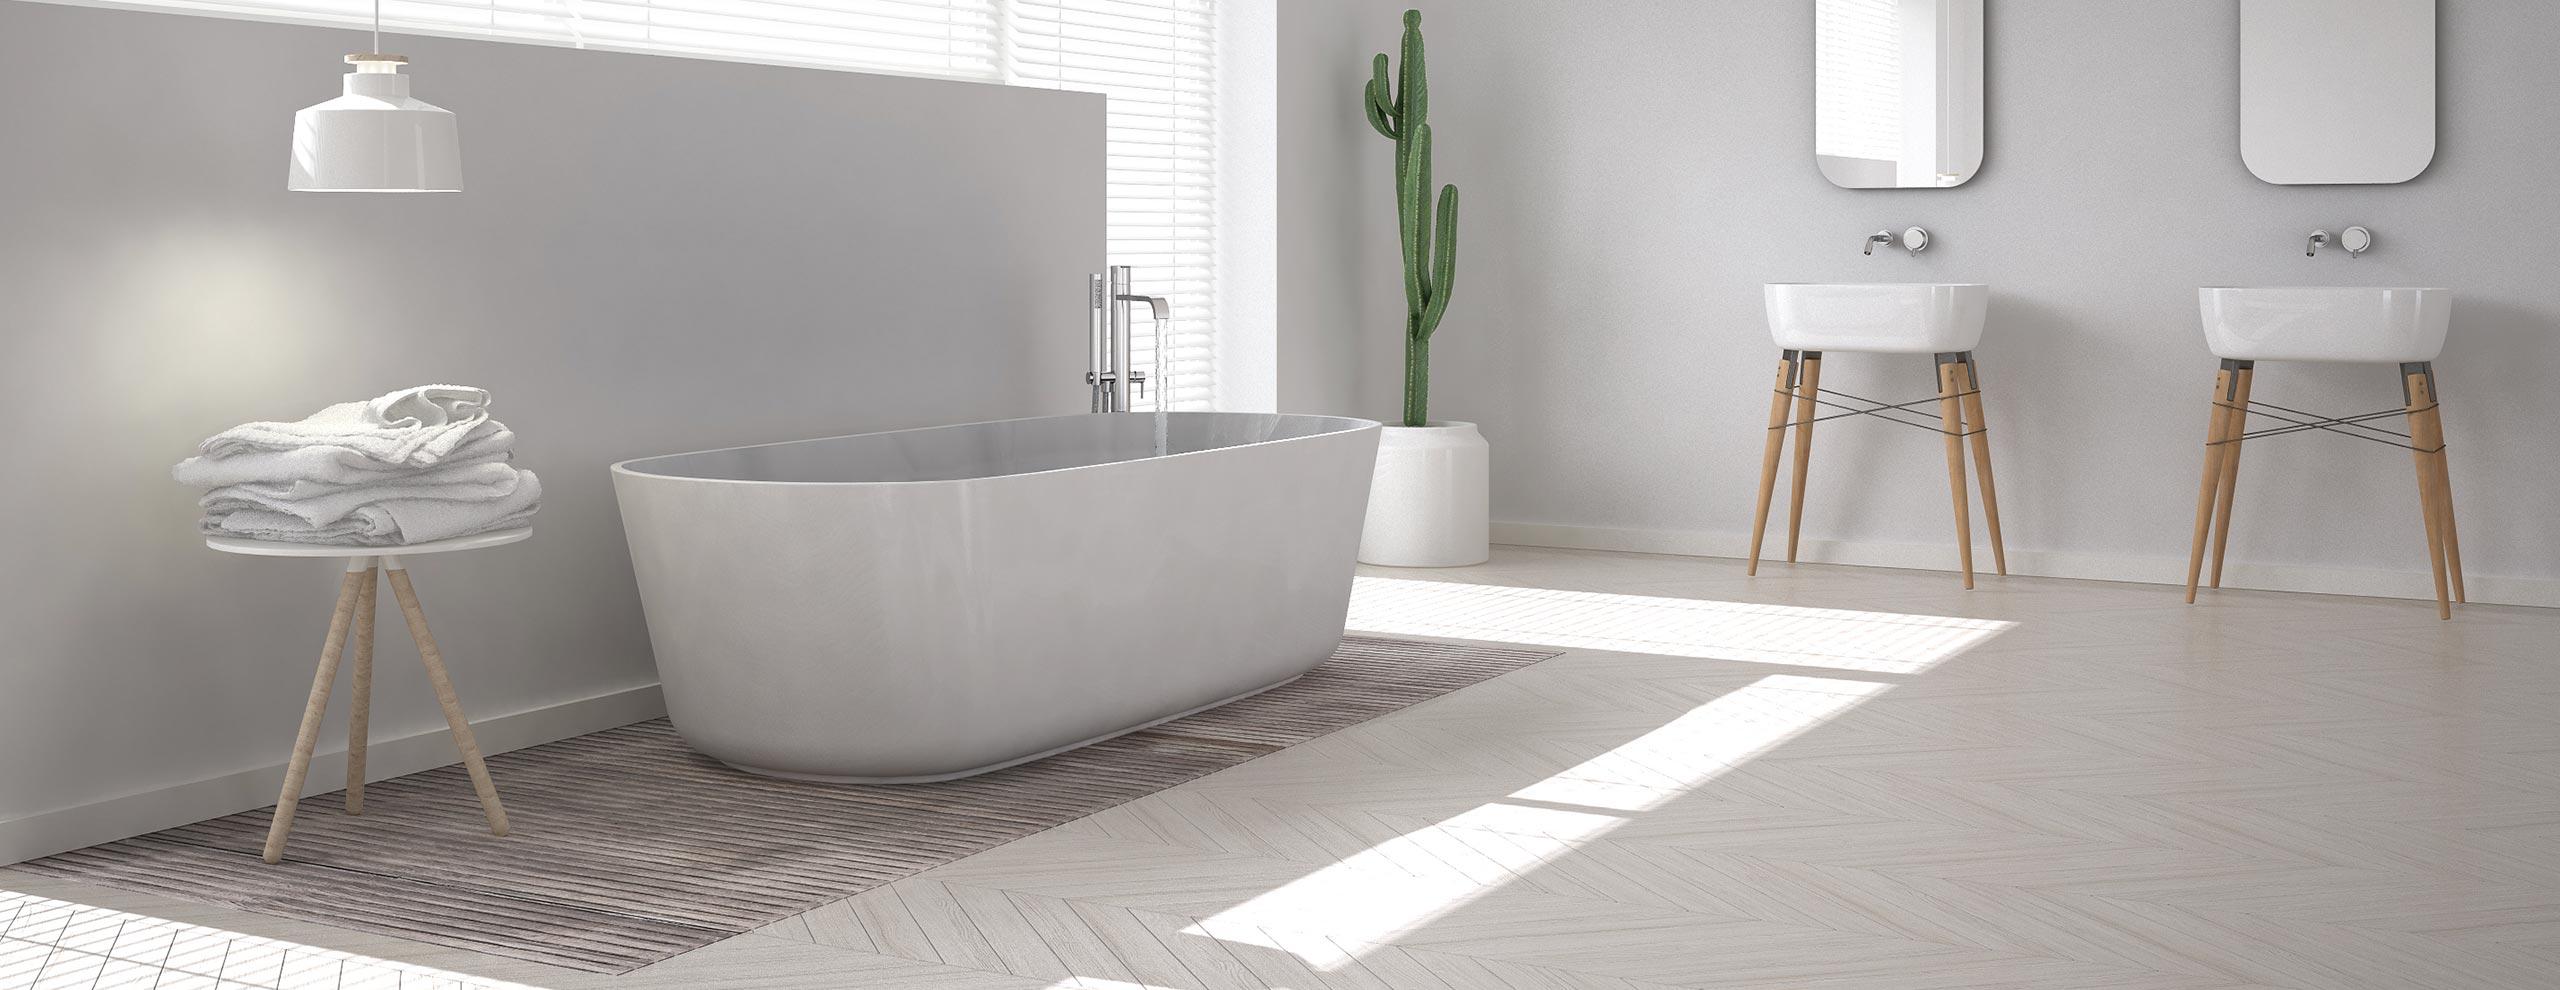 Badkamer verbouwen door de installateur uit Pijnacker